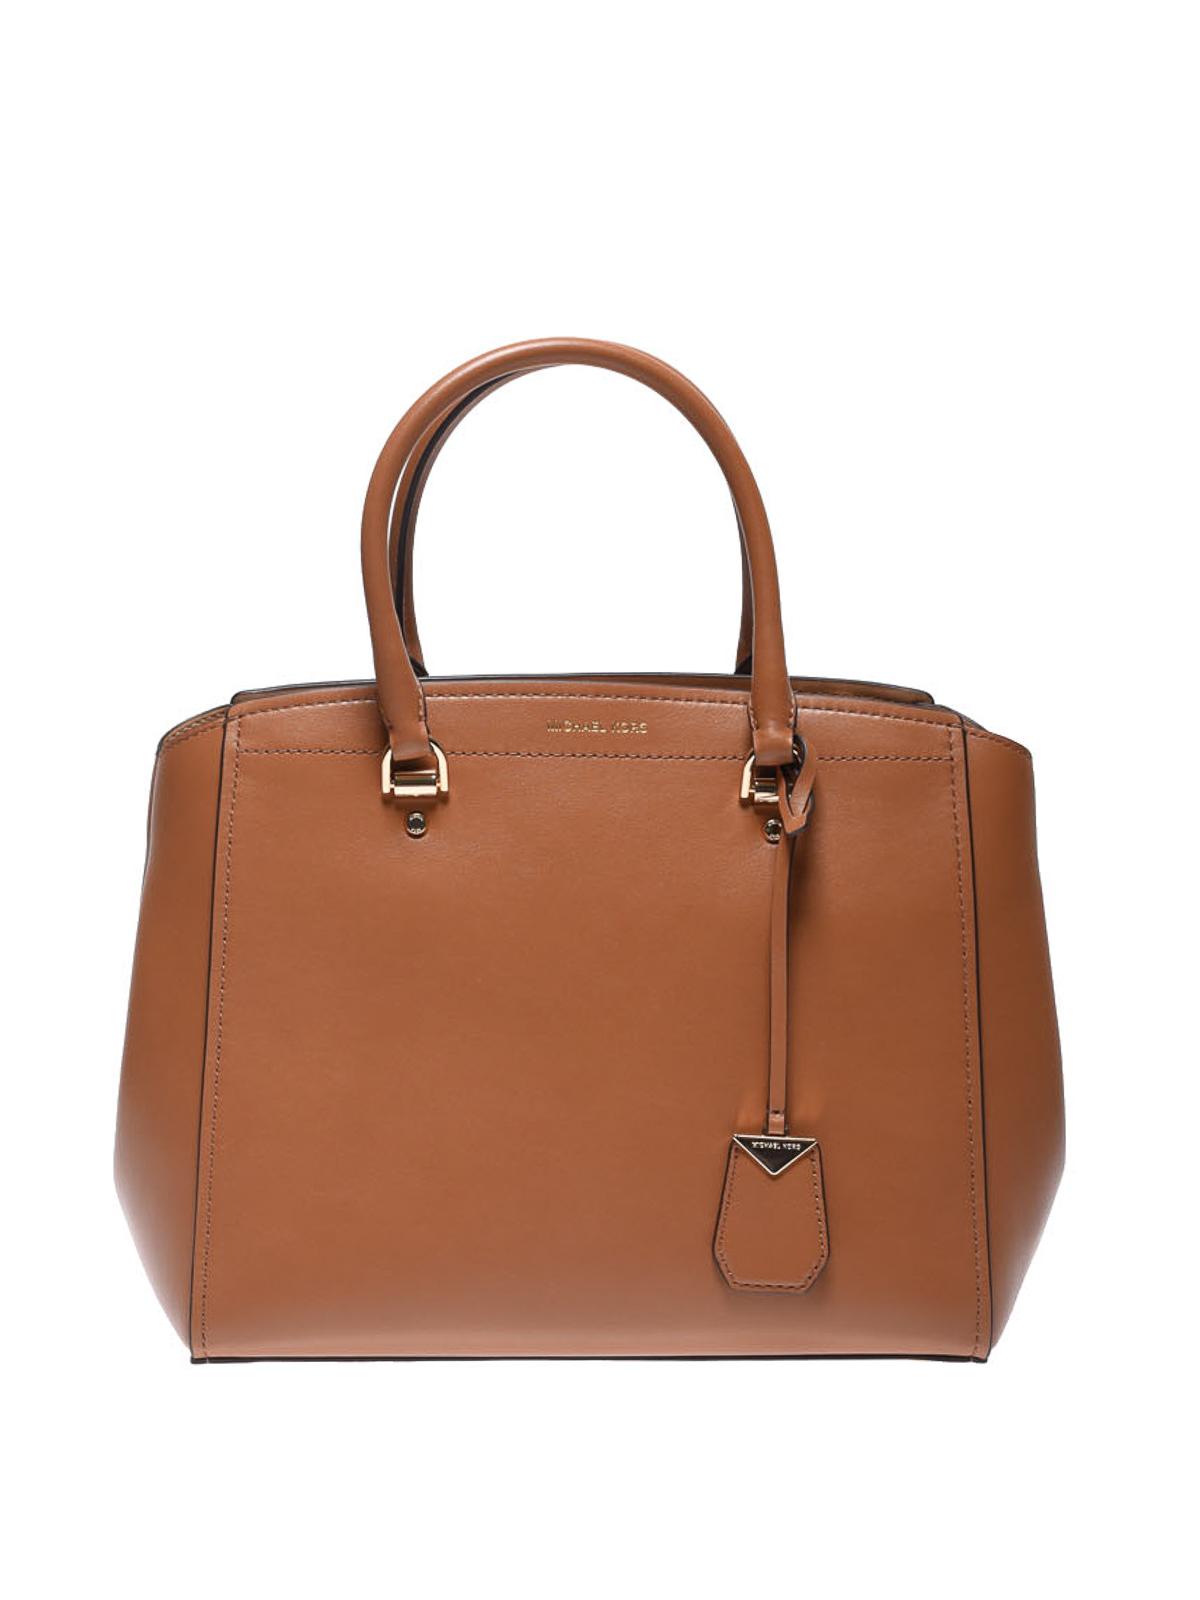 Handtasche Benning braun von MICHAEL MICHAEL KORS jetzt